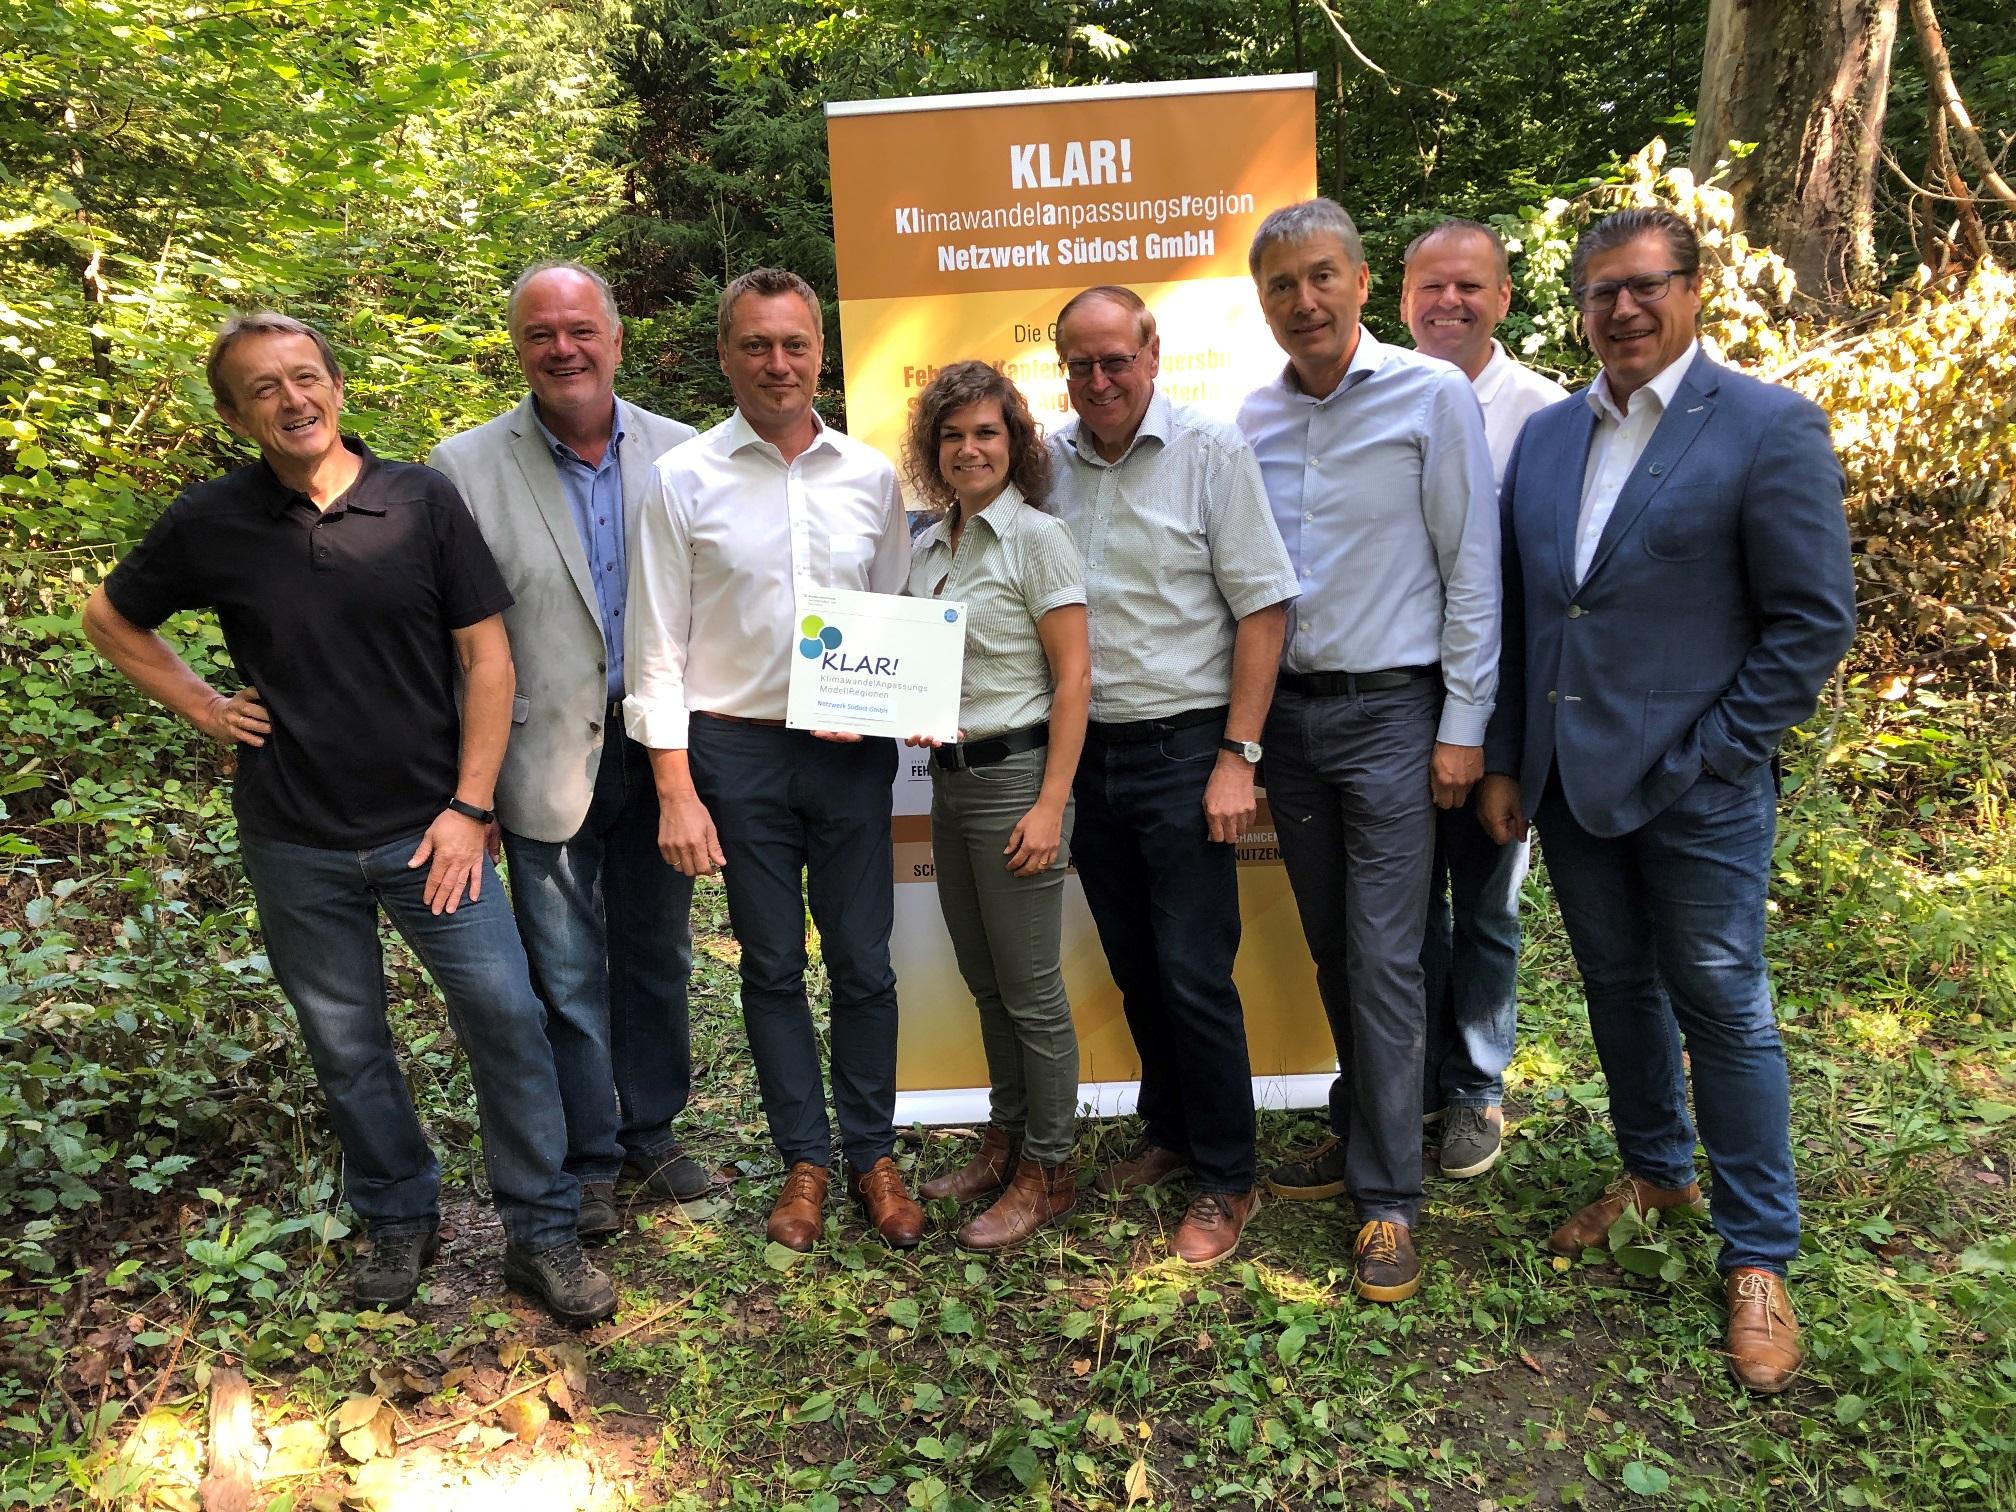 Klimawandelanpassungsregion – KLAR! Netzwerk Südost GmbH